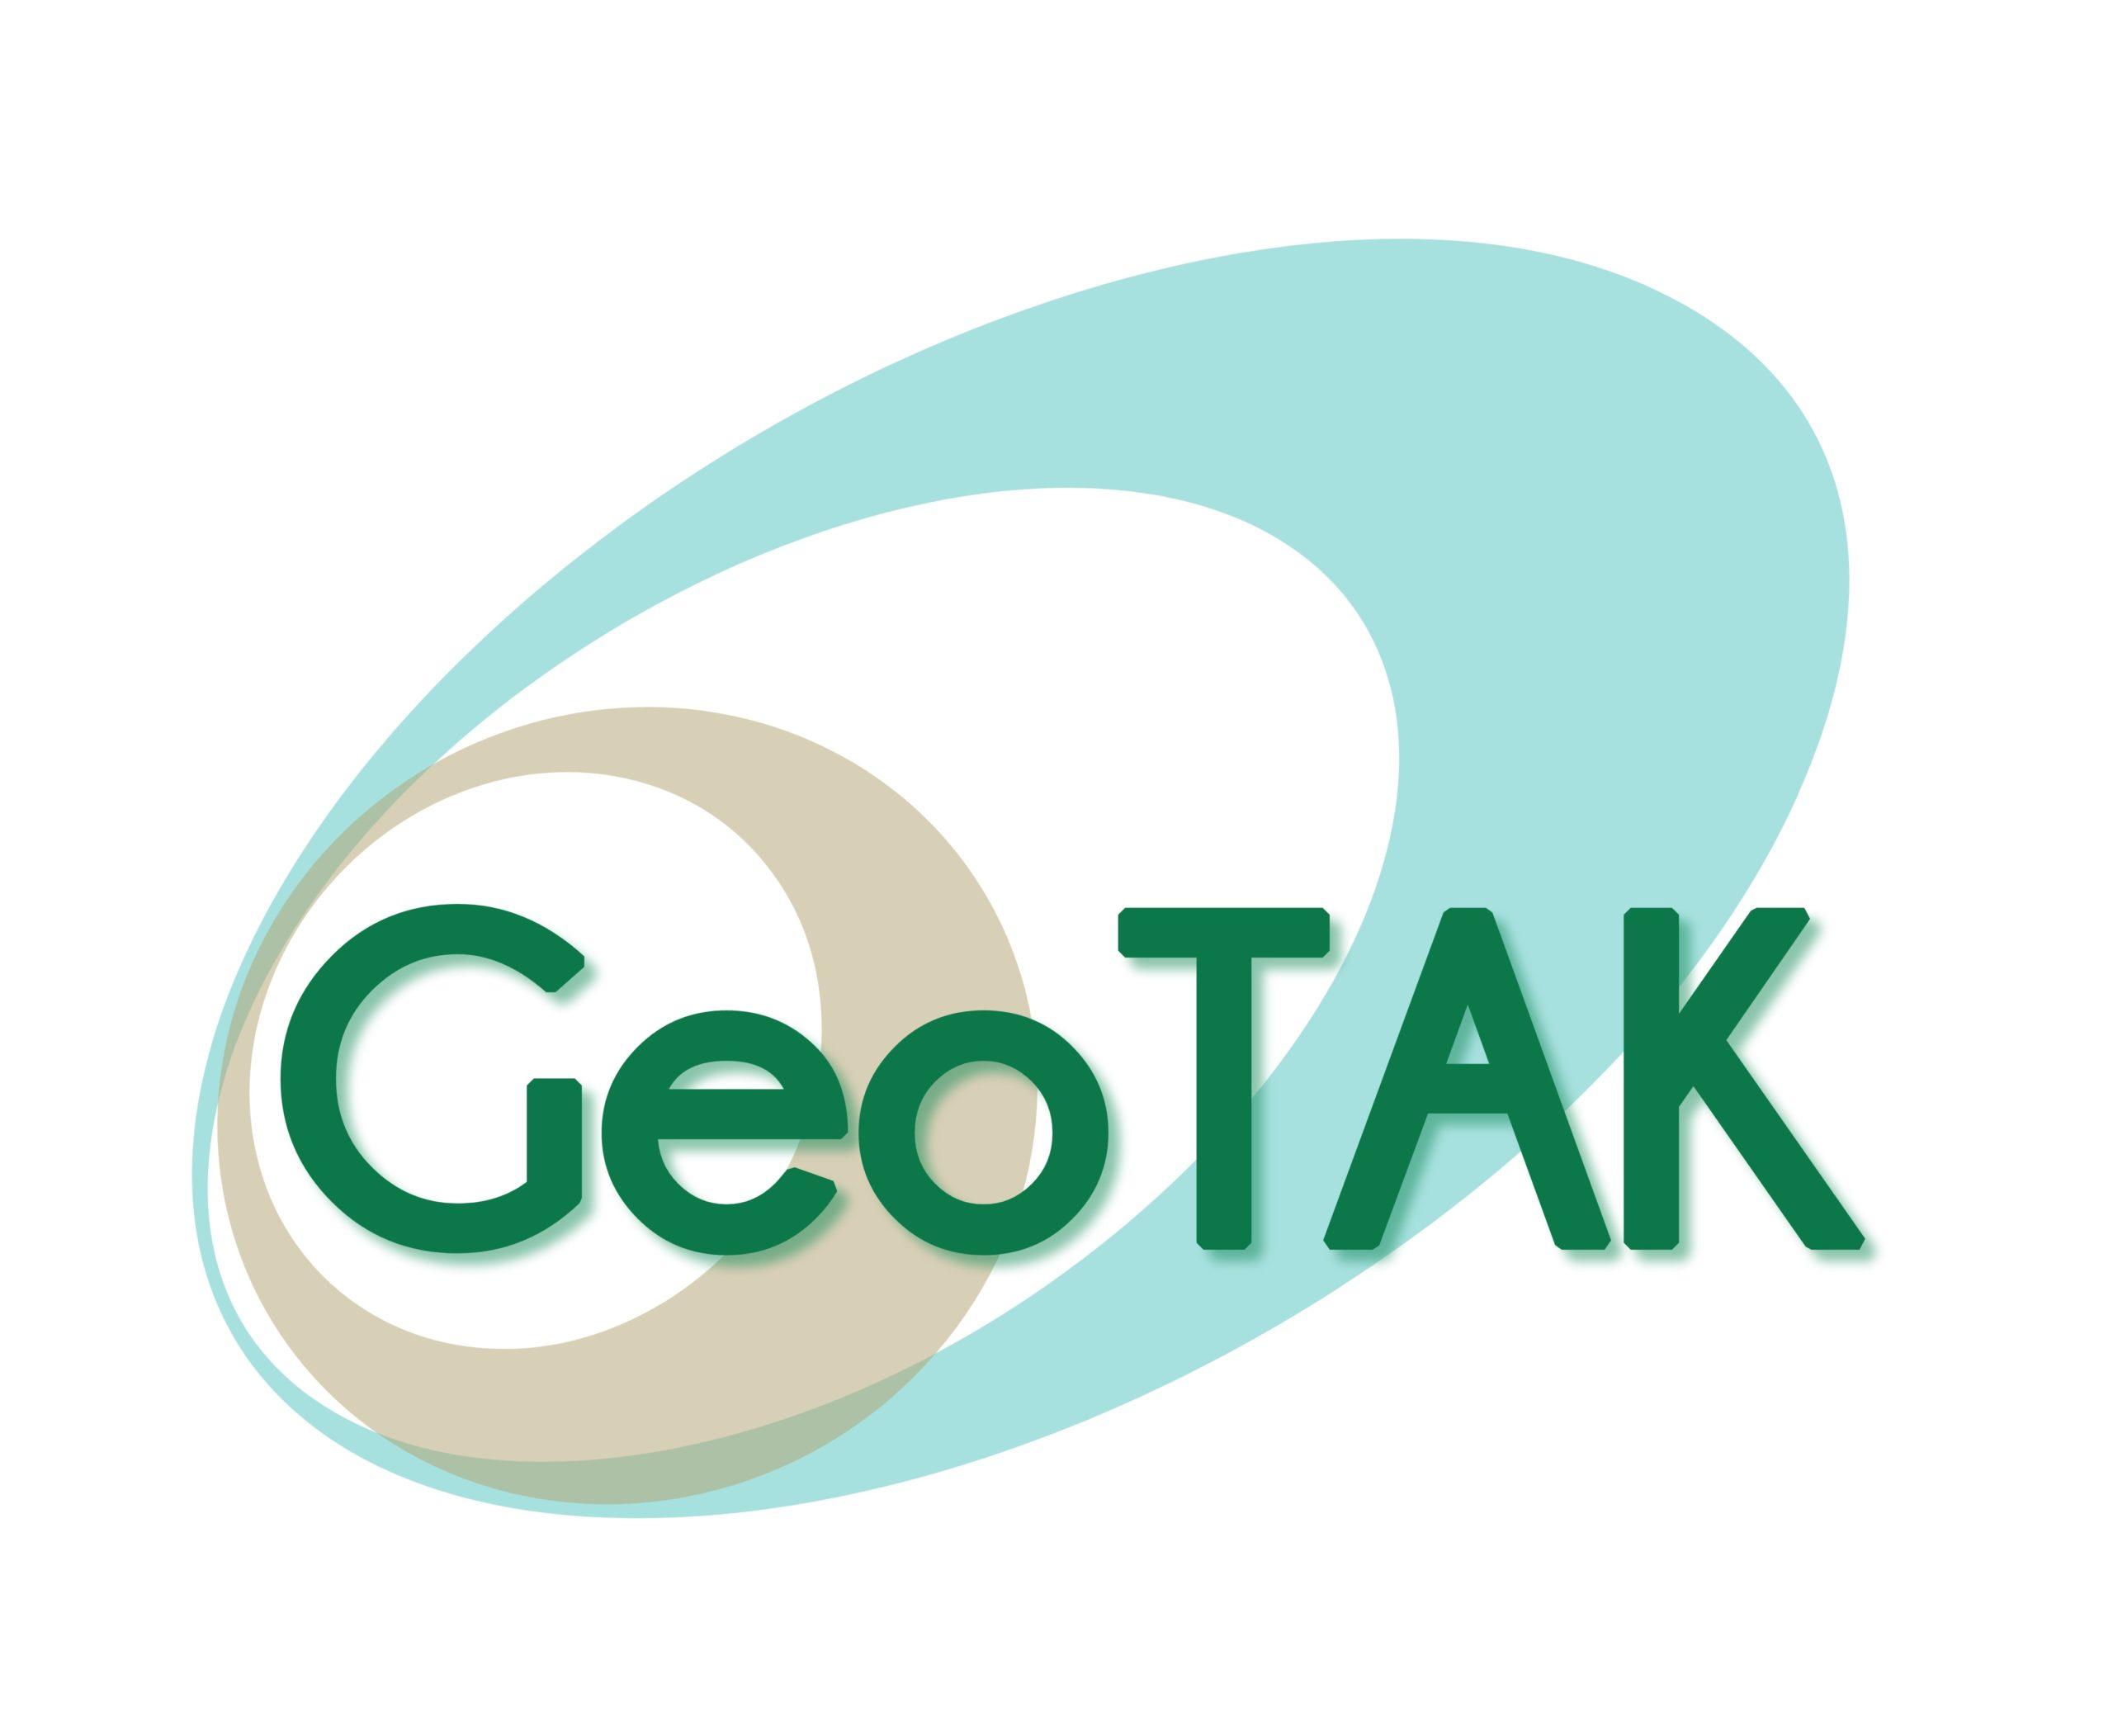 GeoTAK